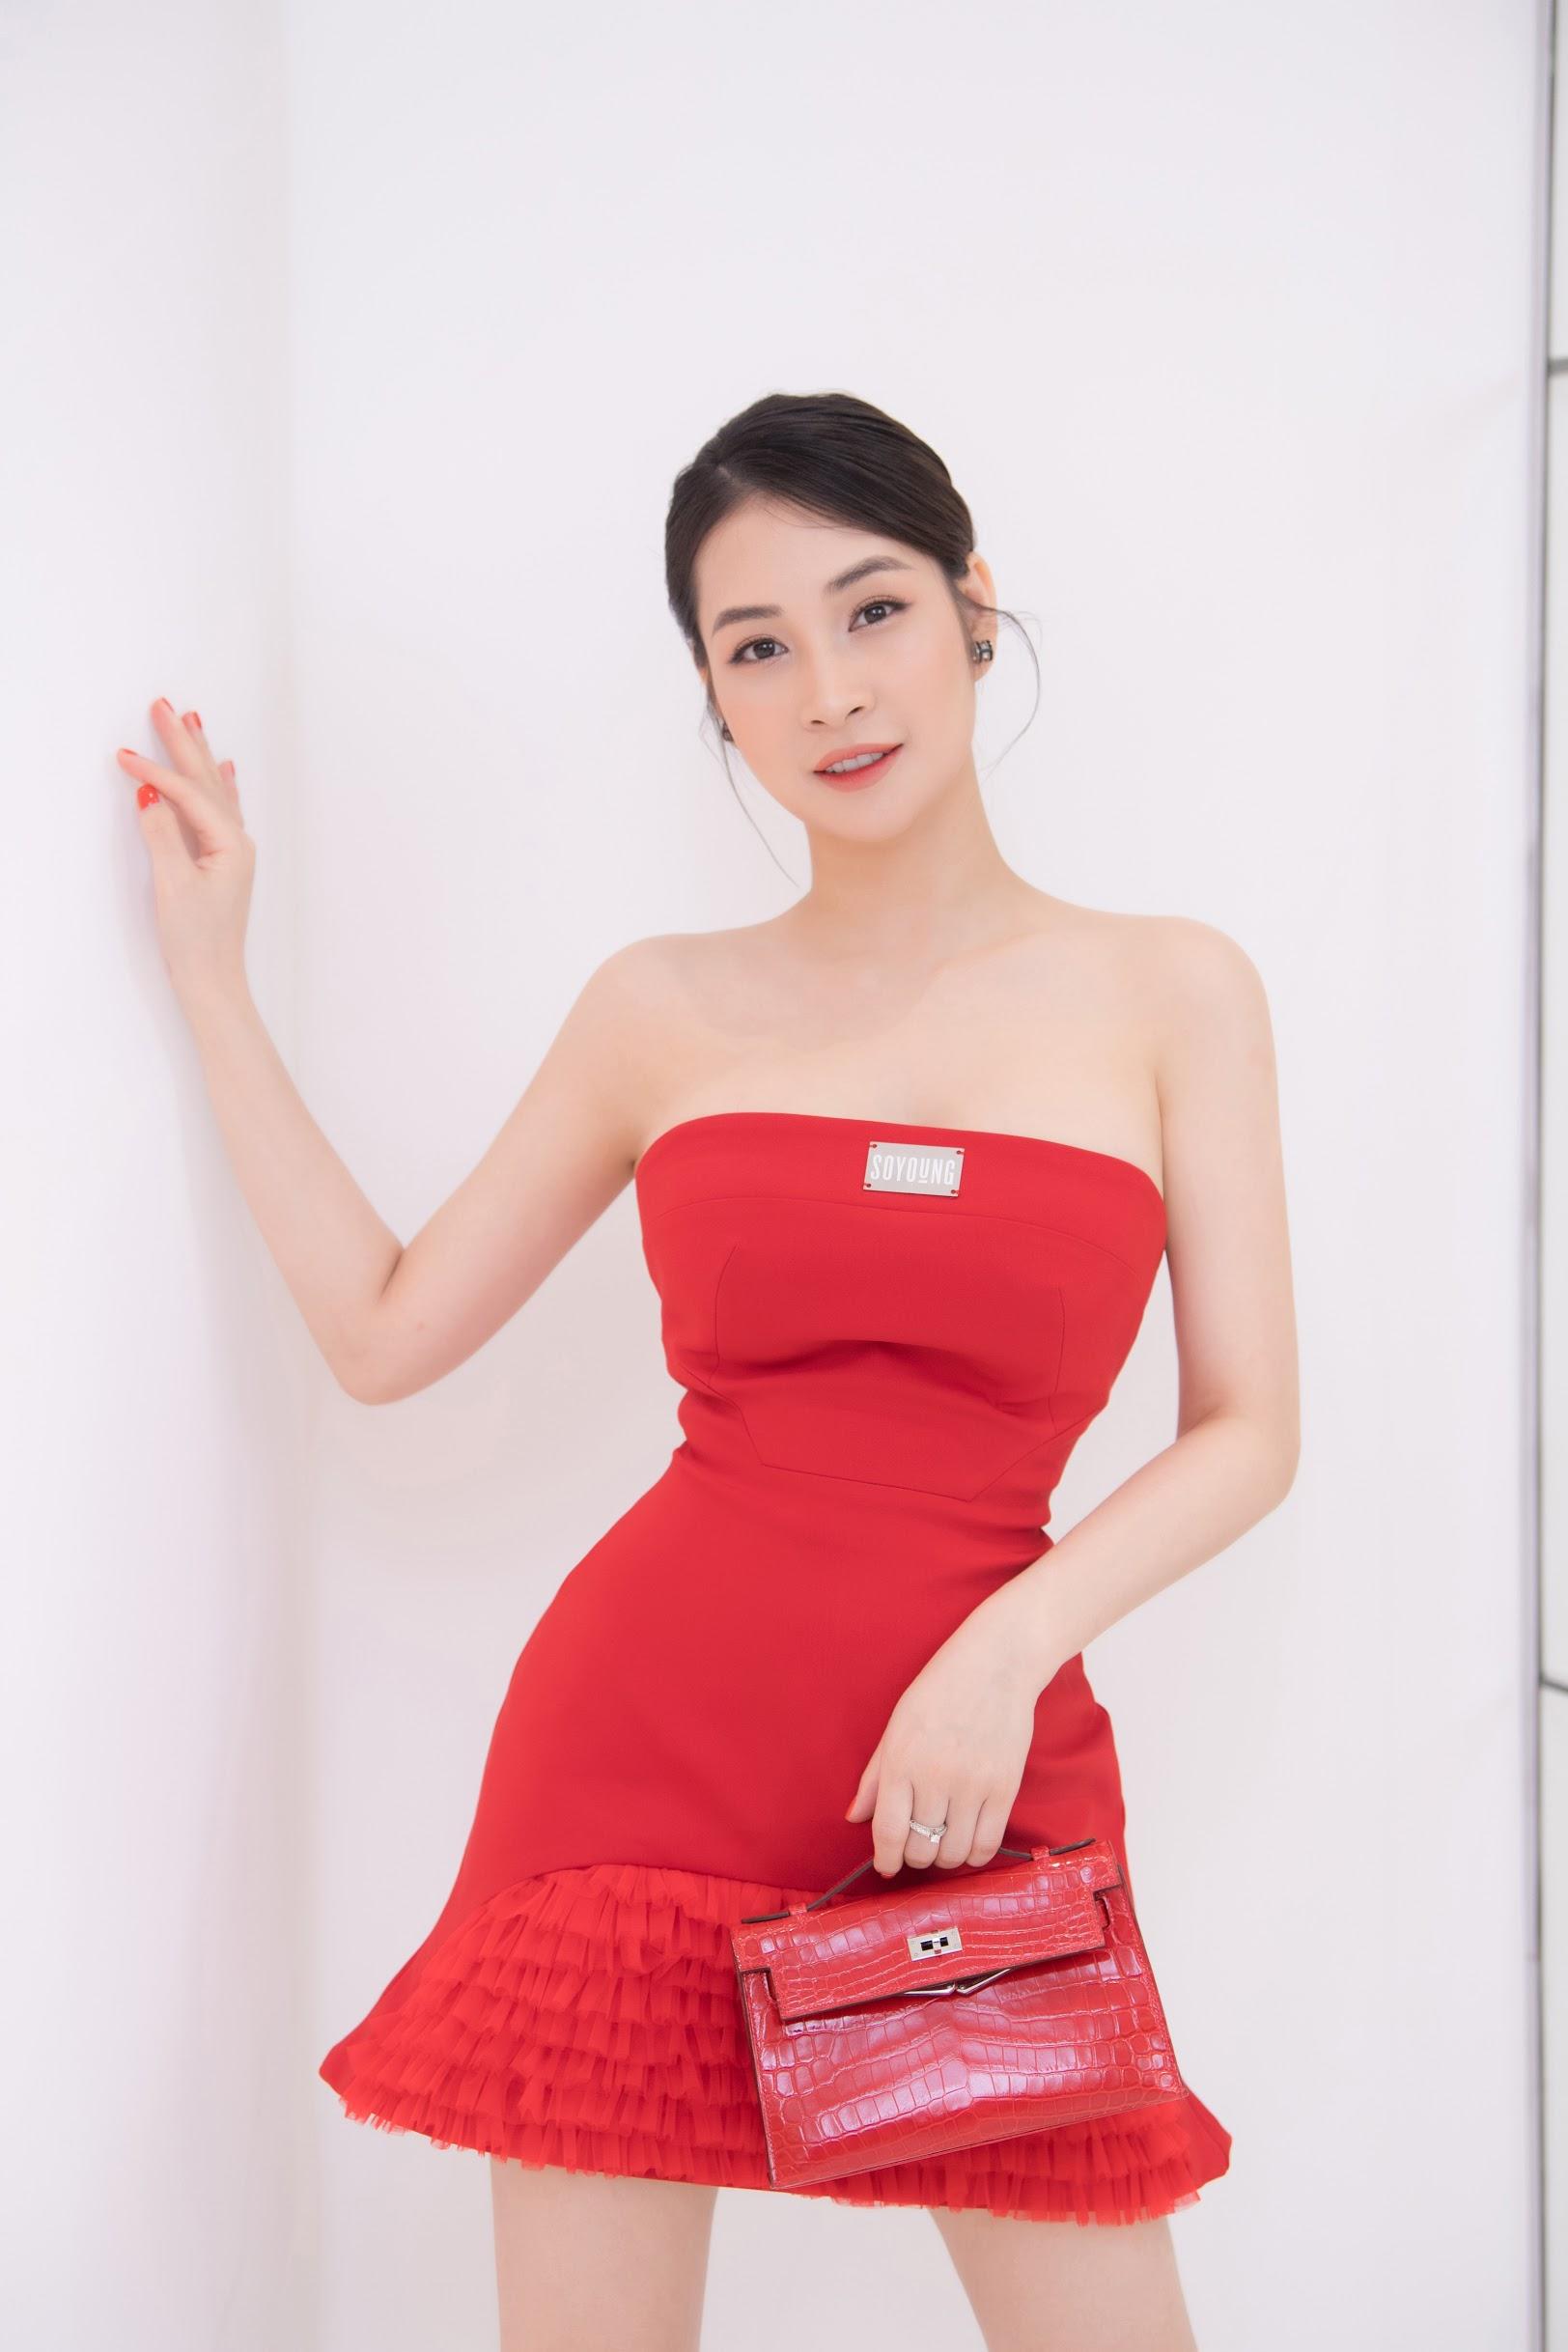 Khi diện những trang phục có sẵn độ nổi bật, người đẹp hạn chế kết hợp cùng phụ kiện quá cầu kỳ để thân hình nhỏ bé không thêm nặng nề, tổng thể cũng không bị rườm rà, sến sẩm.